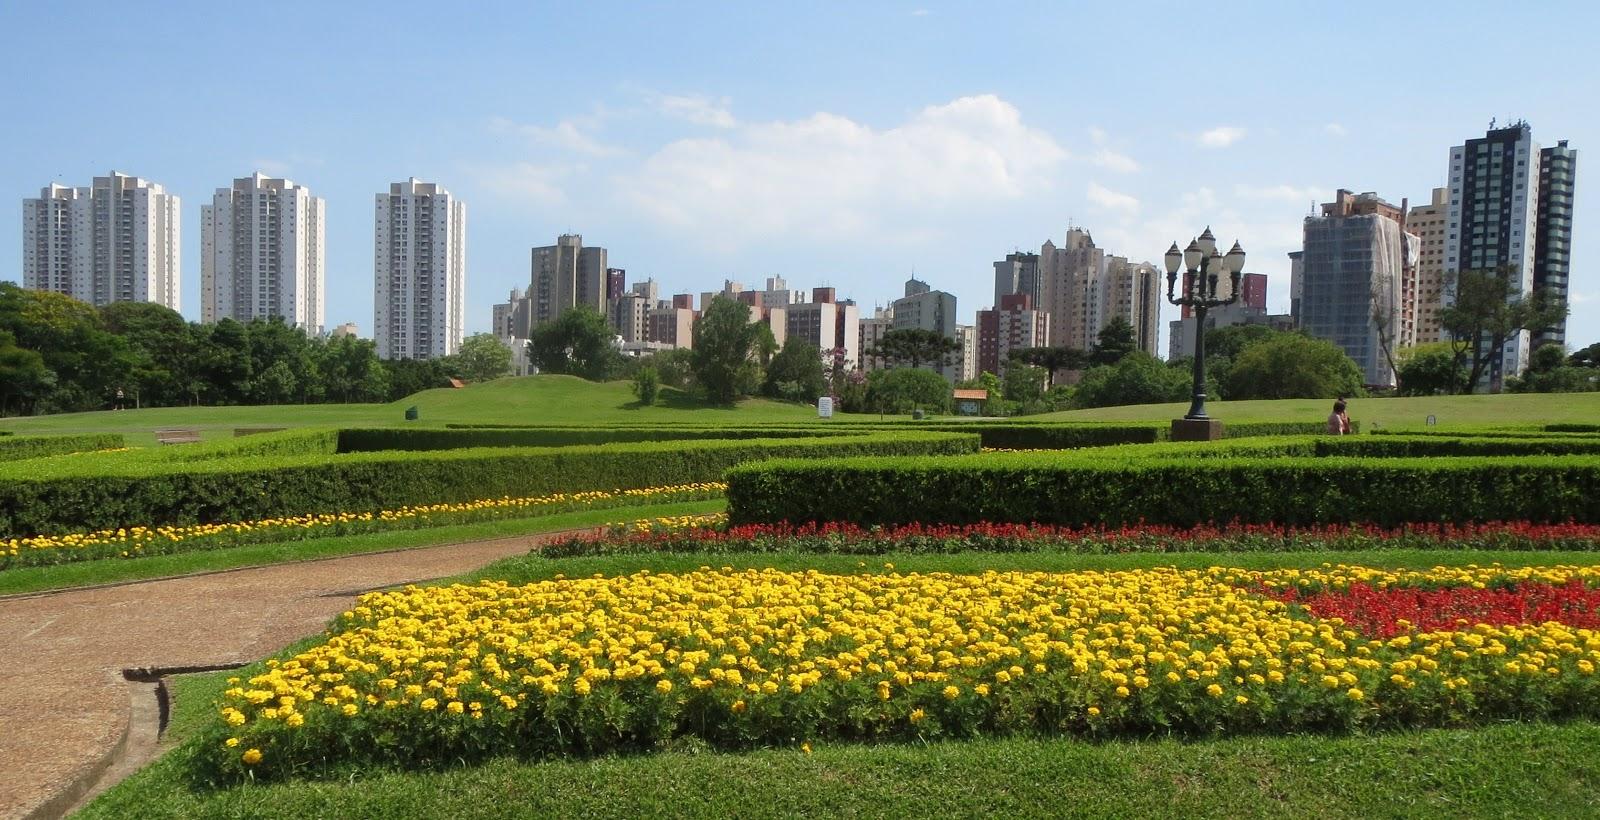 Thành phố xanh Curitiba